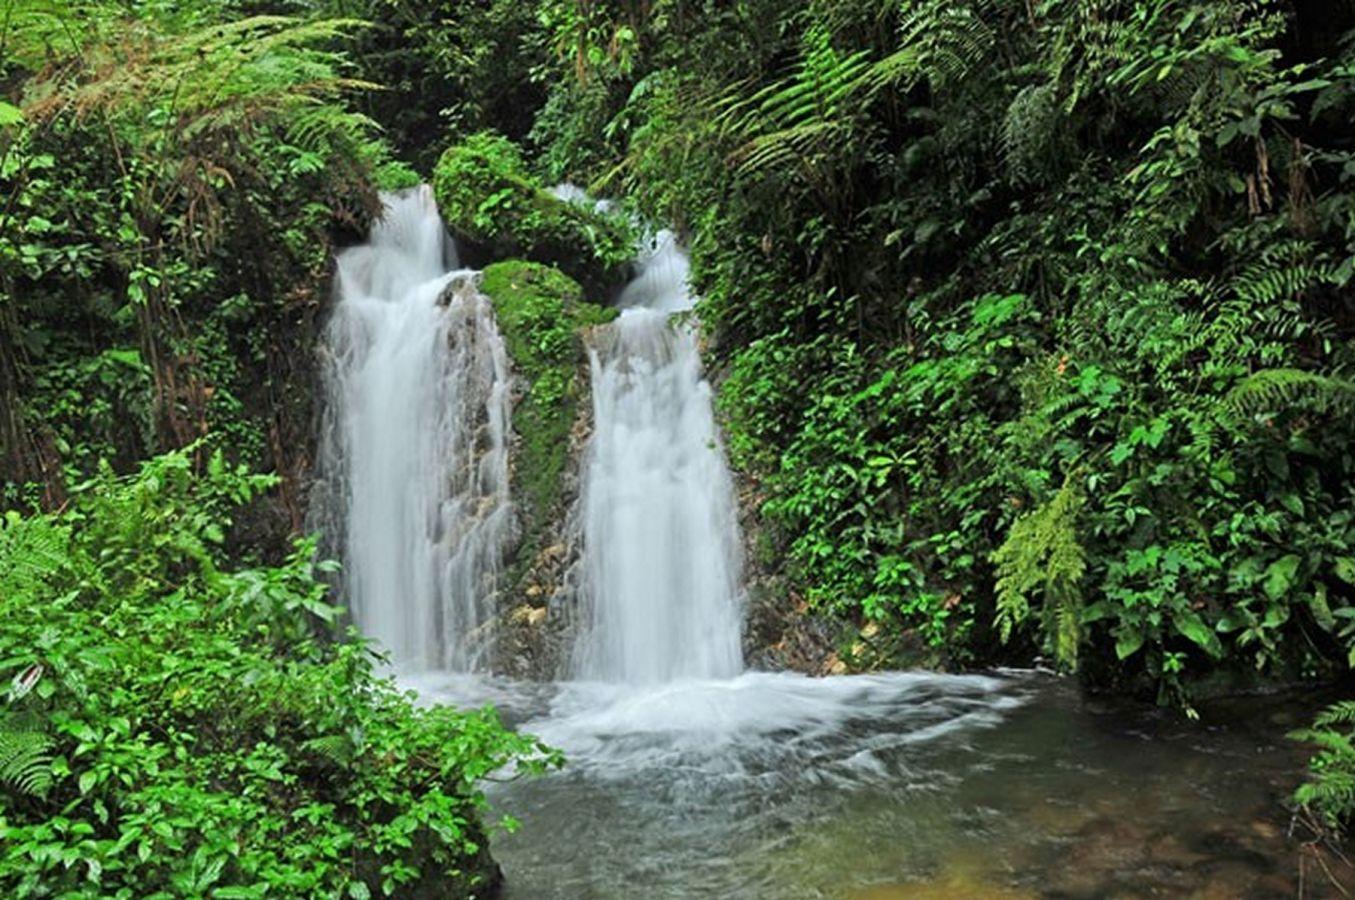 Munyaga Falls in Bwindi Impenetrable National Park